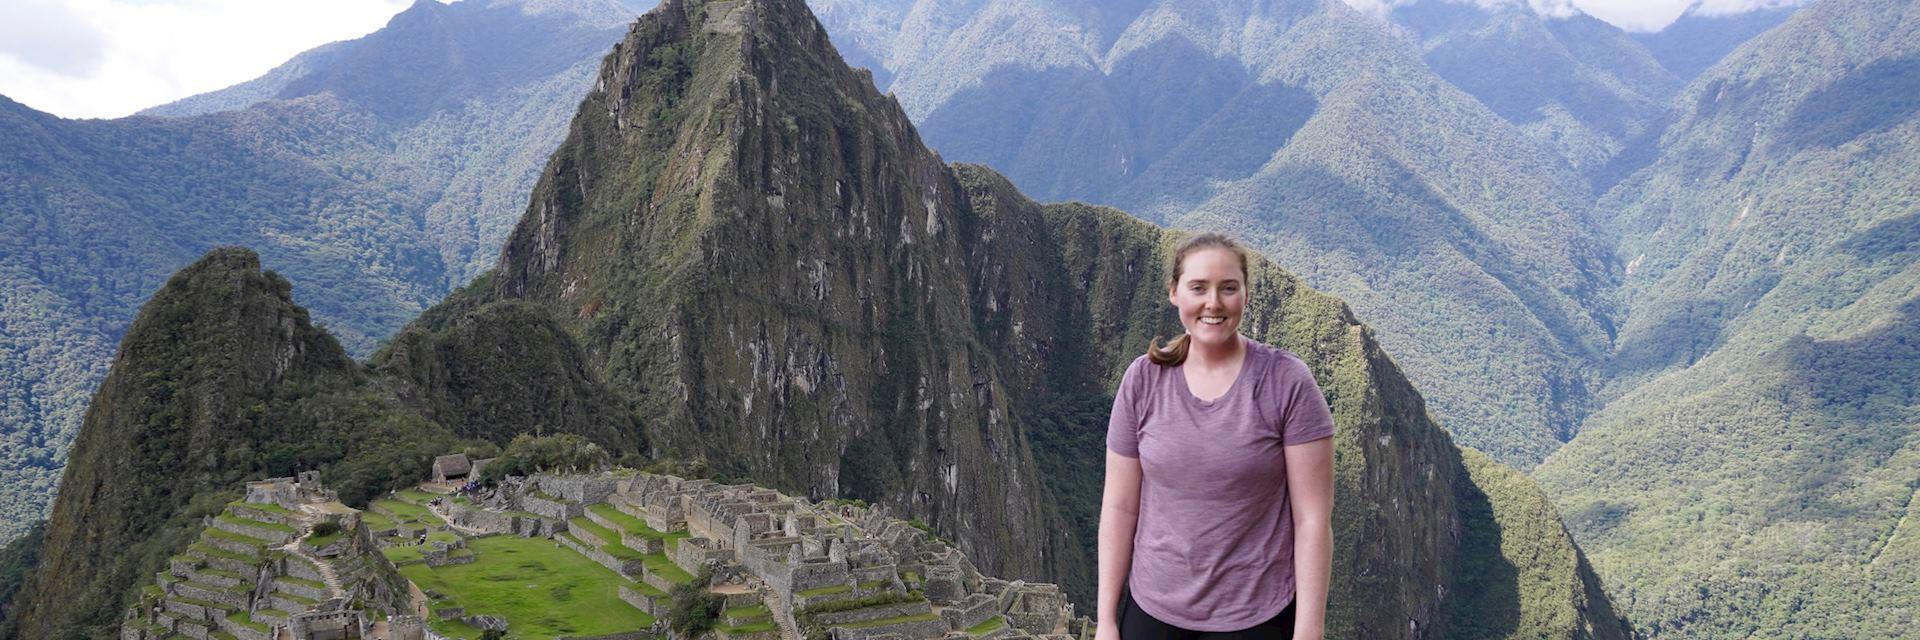 Charlotte at Machu Picchu, Peru